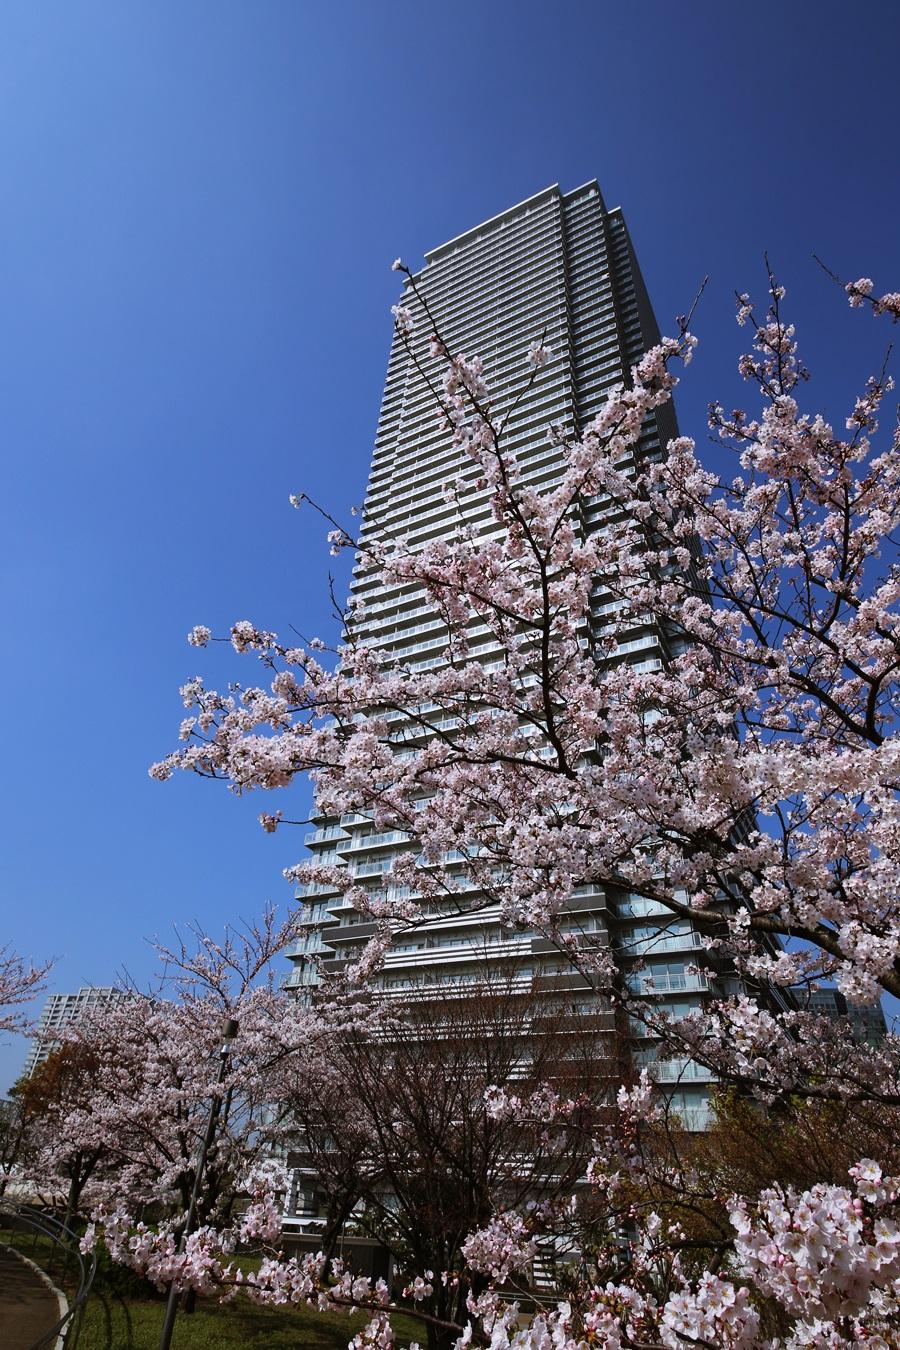 辰巳桜橋の桜 tasumisakurabashi (2)